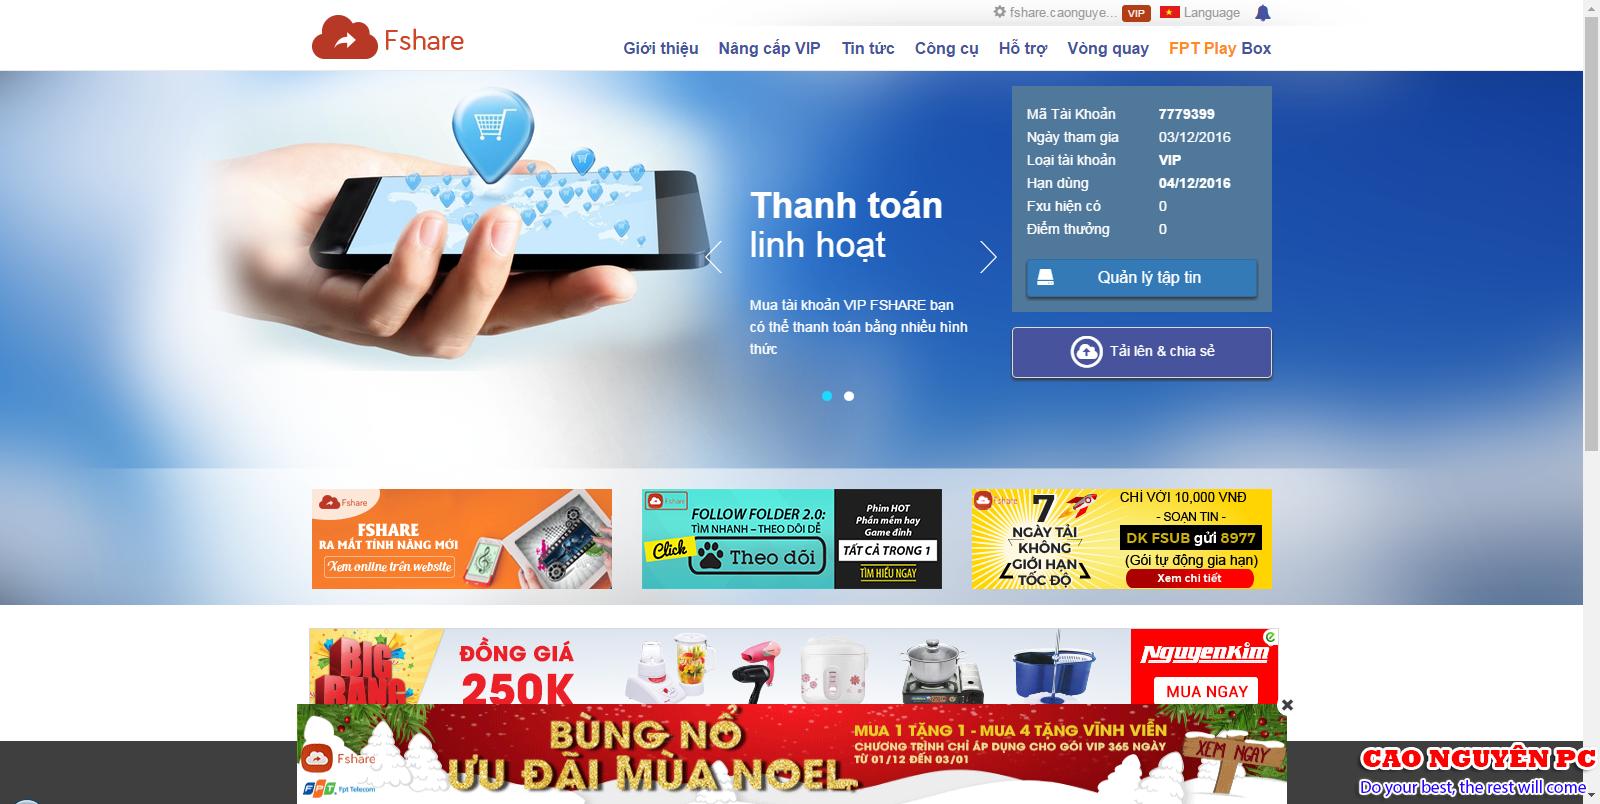 Chia sẻ Fshare Vip miễn phí